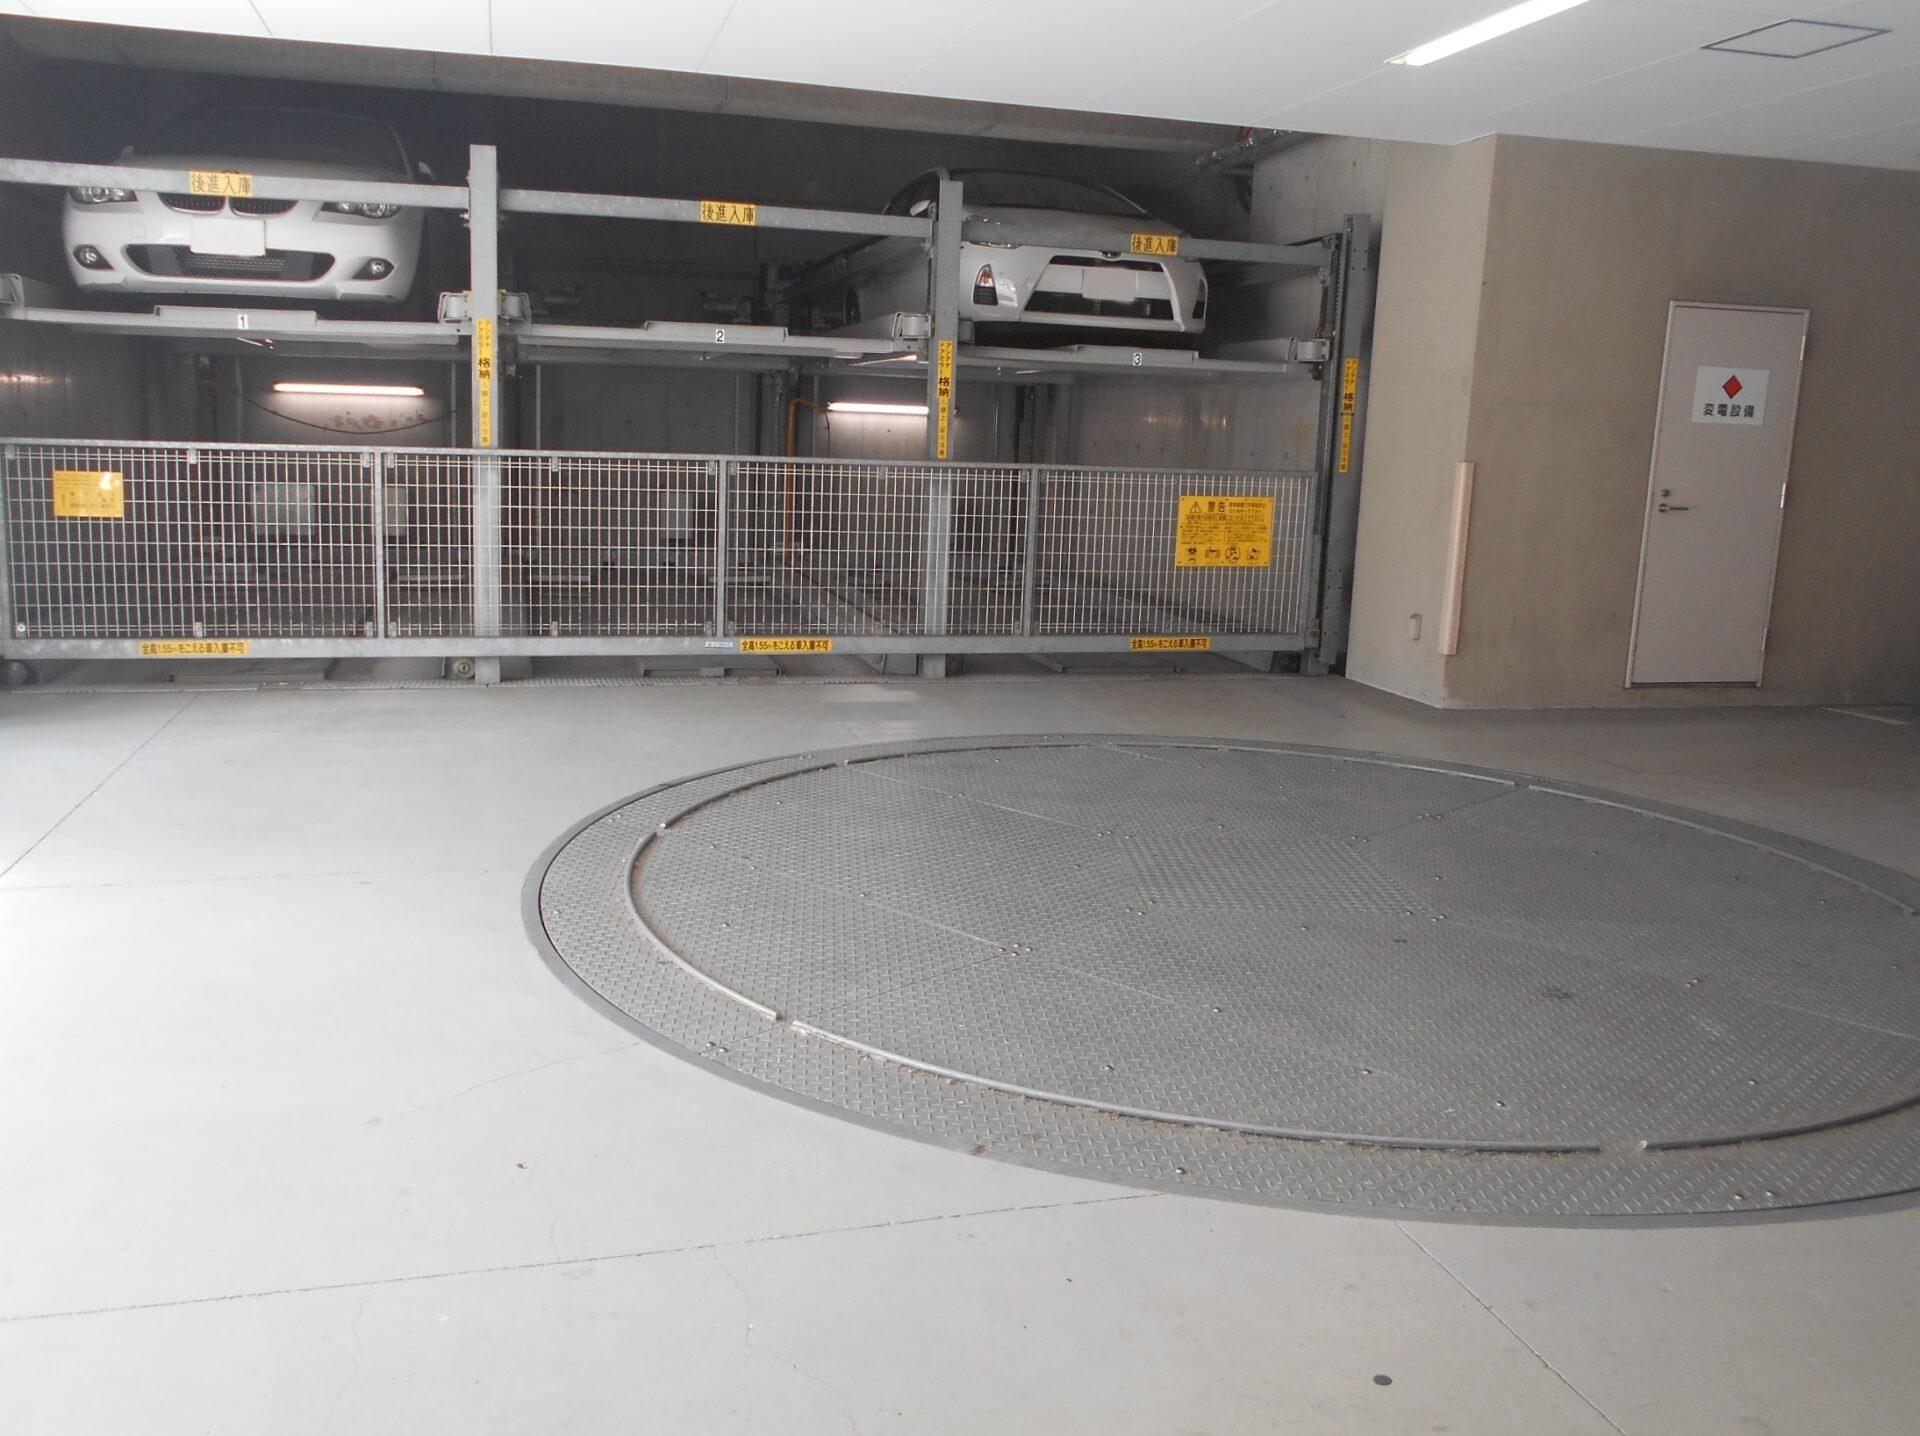 2018年4月度 6件の立体駐車場メンテナンス新規受託を頂きました!